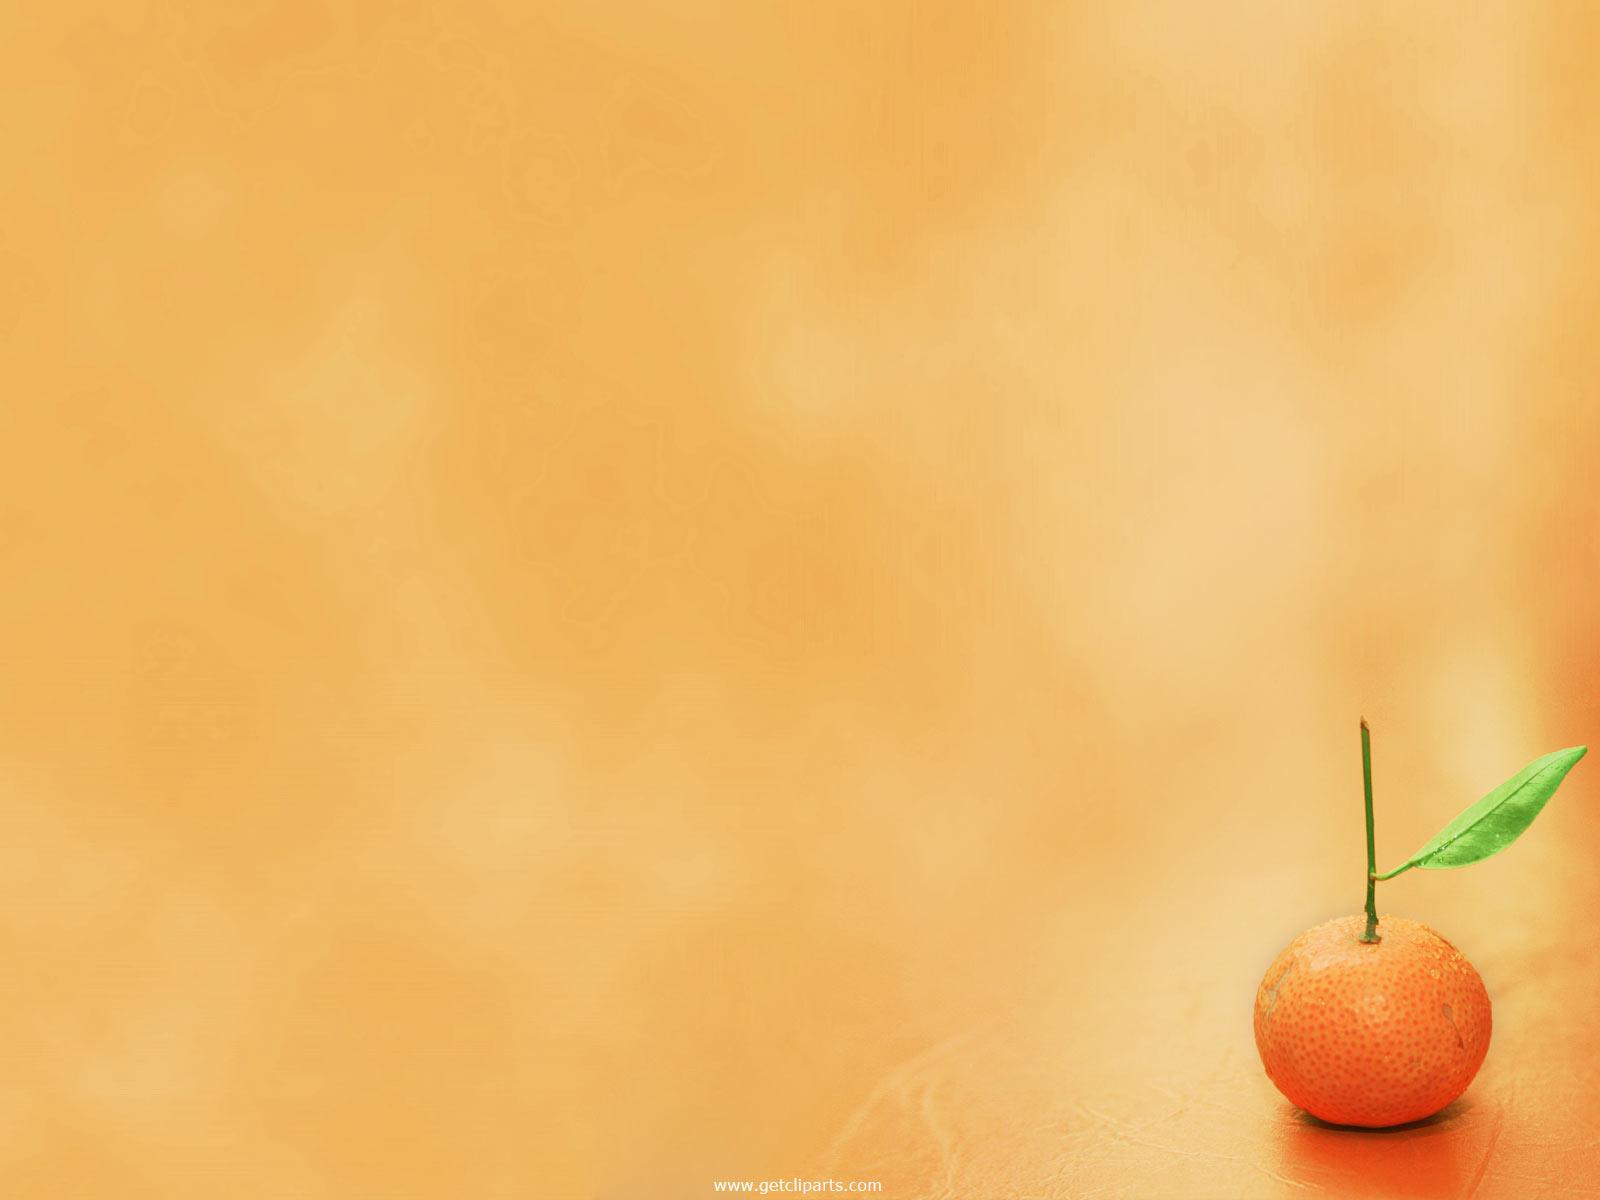 http://1.bp.blogspot.com/-iUm_oPVQDmc/TWduYHvLy7I/AAAAAAAADeI/KR0PIR5SiOs/s1600/Oranje-achtergronden-oranje-wallpapers-oranje-wallpaper-hd-17.jpg